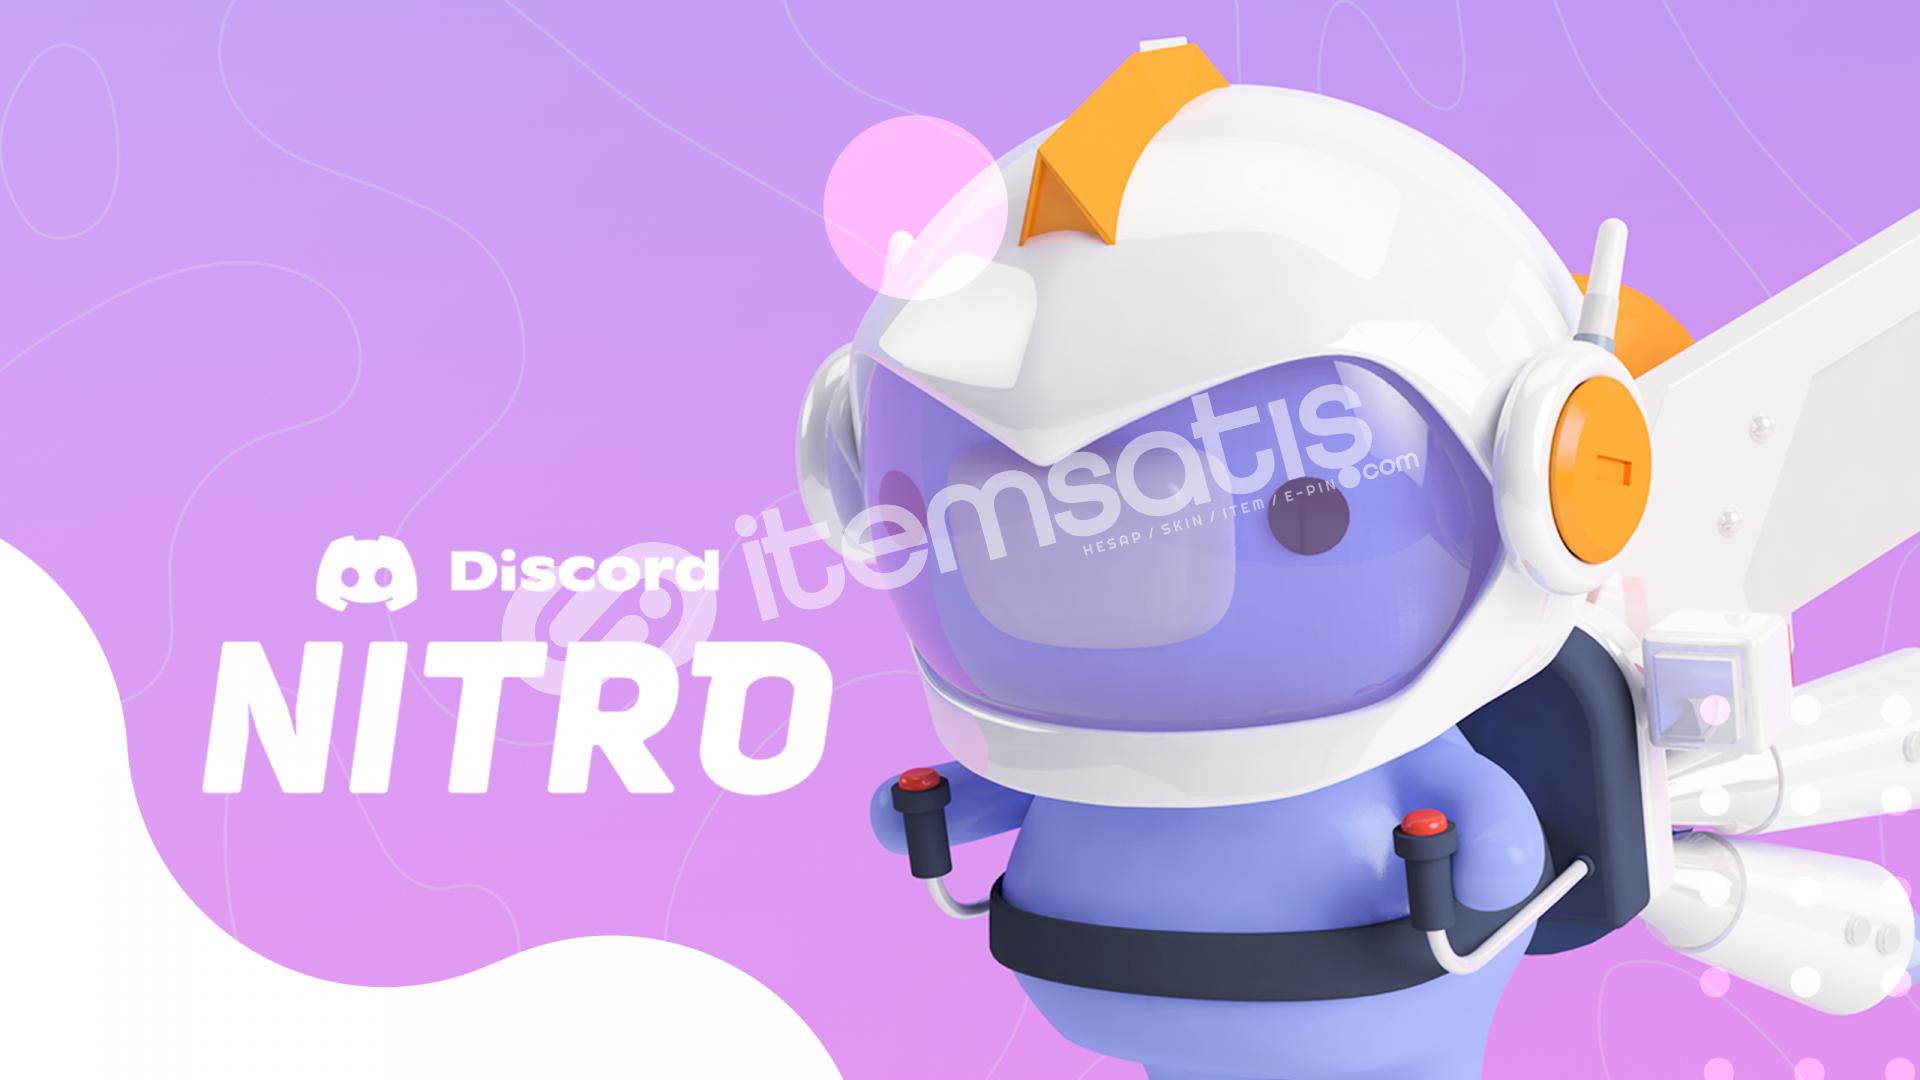 Discord nitro 3 aylık (Boostlu) 3 tl